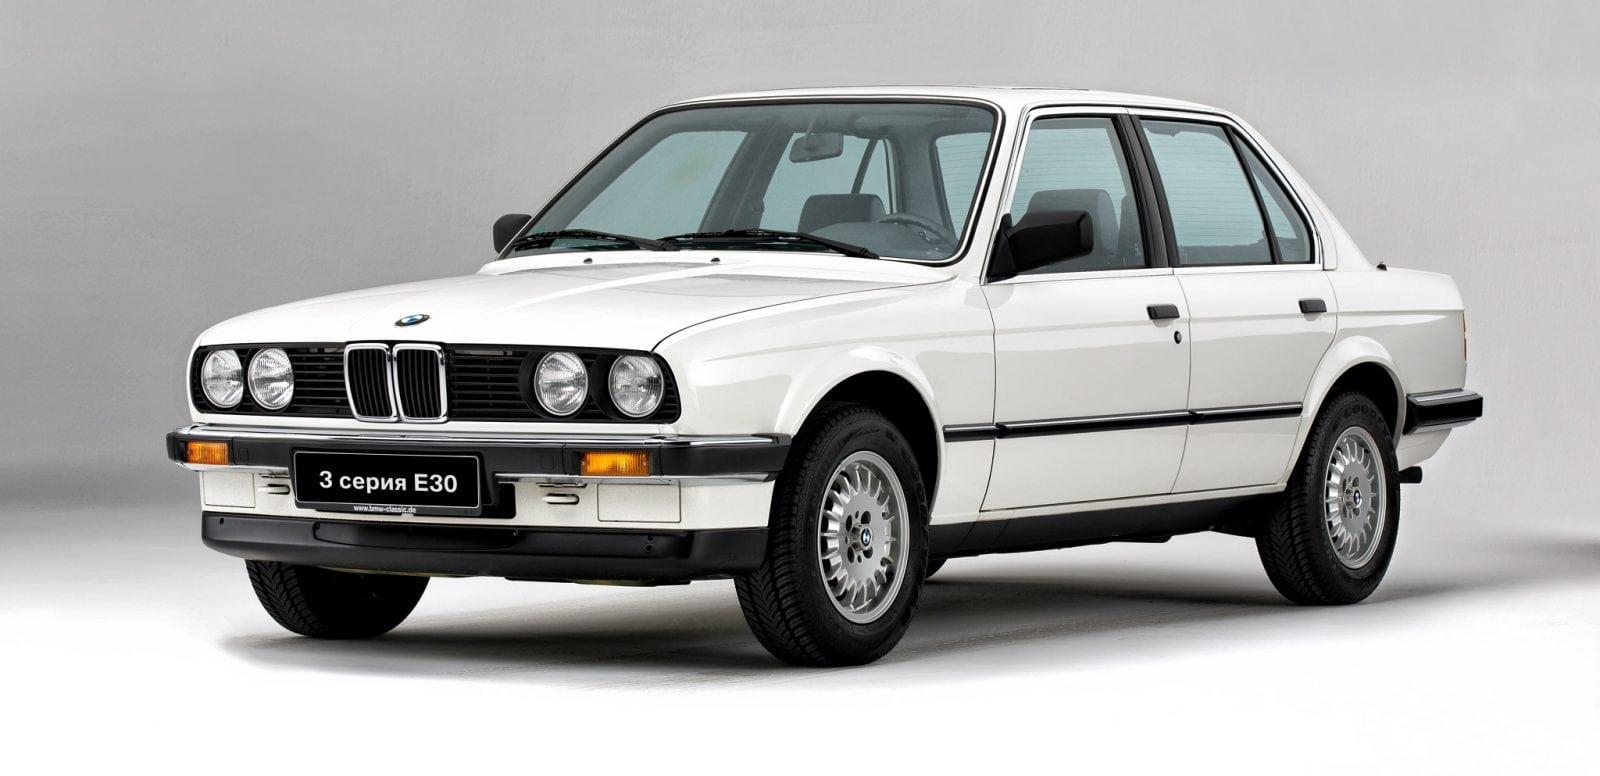 30 лет BMW 3 серии: второе поколение в кузове E30